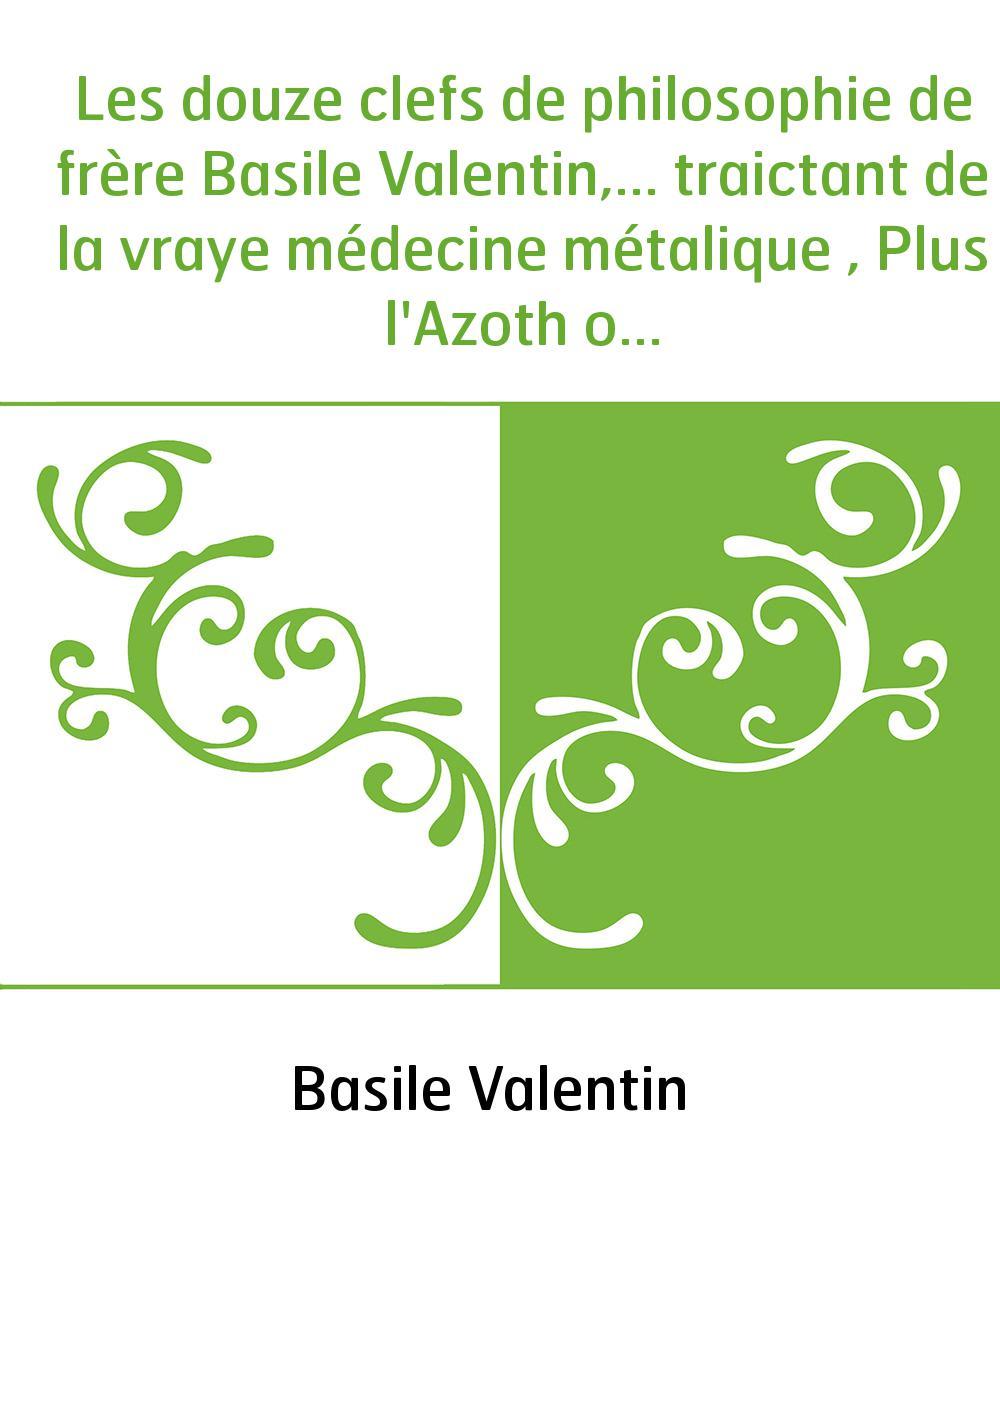 Les douze clefs de philosophie de frère Basile Valentin,... traictant de la vraye médecine métalique , Plus l'Azoth ou le moyen